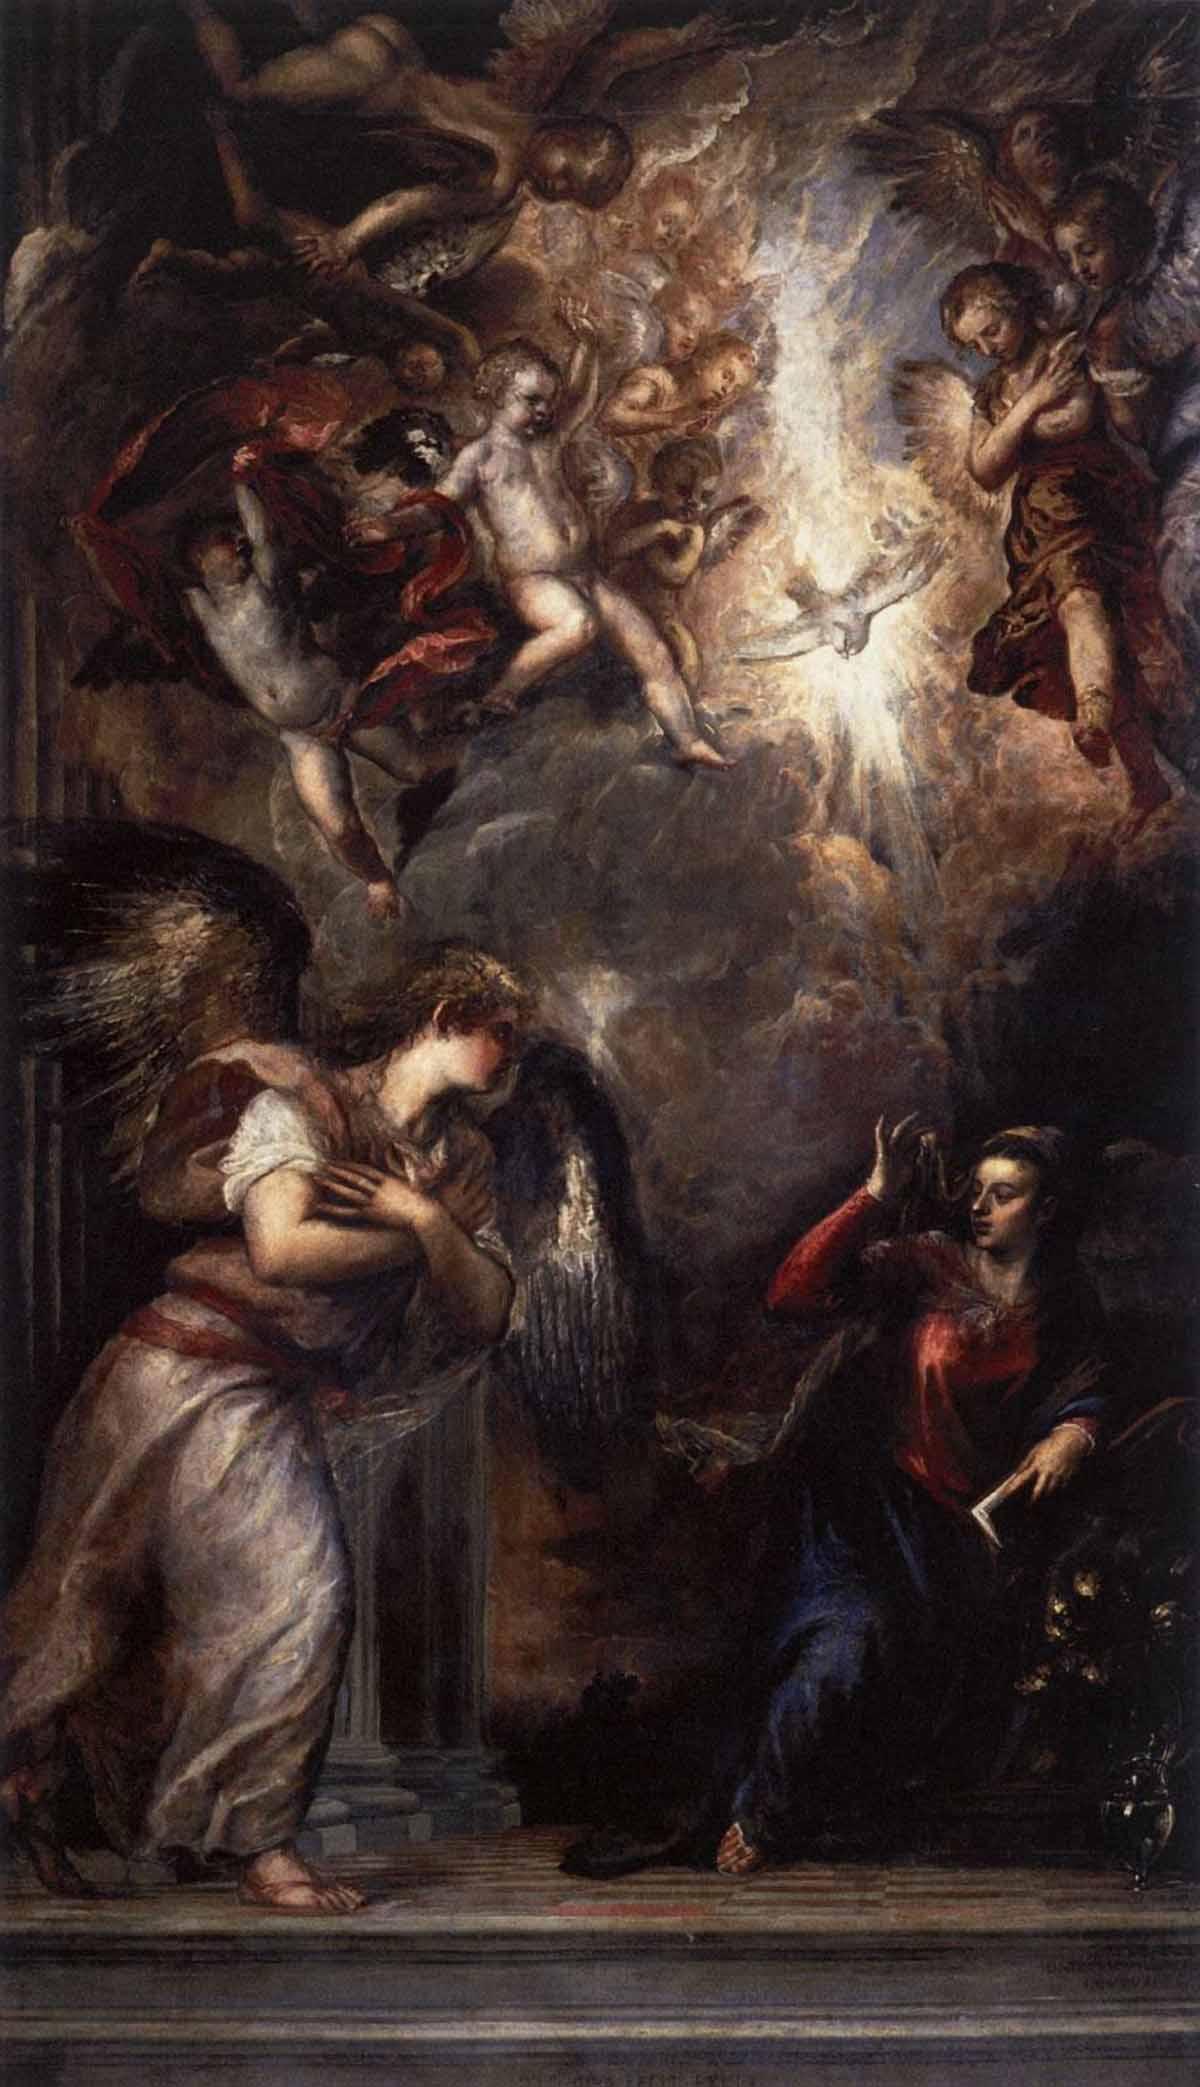 Tициан Вечеллио - «Благовещение» (около 1564)